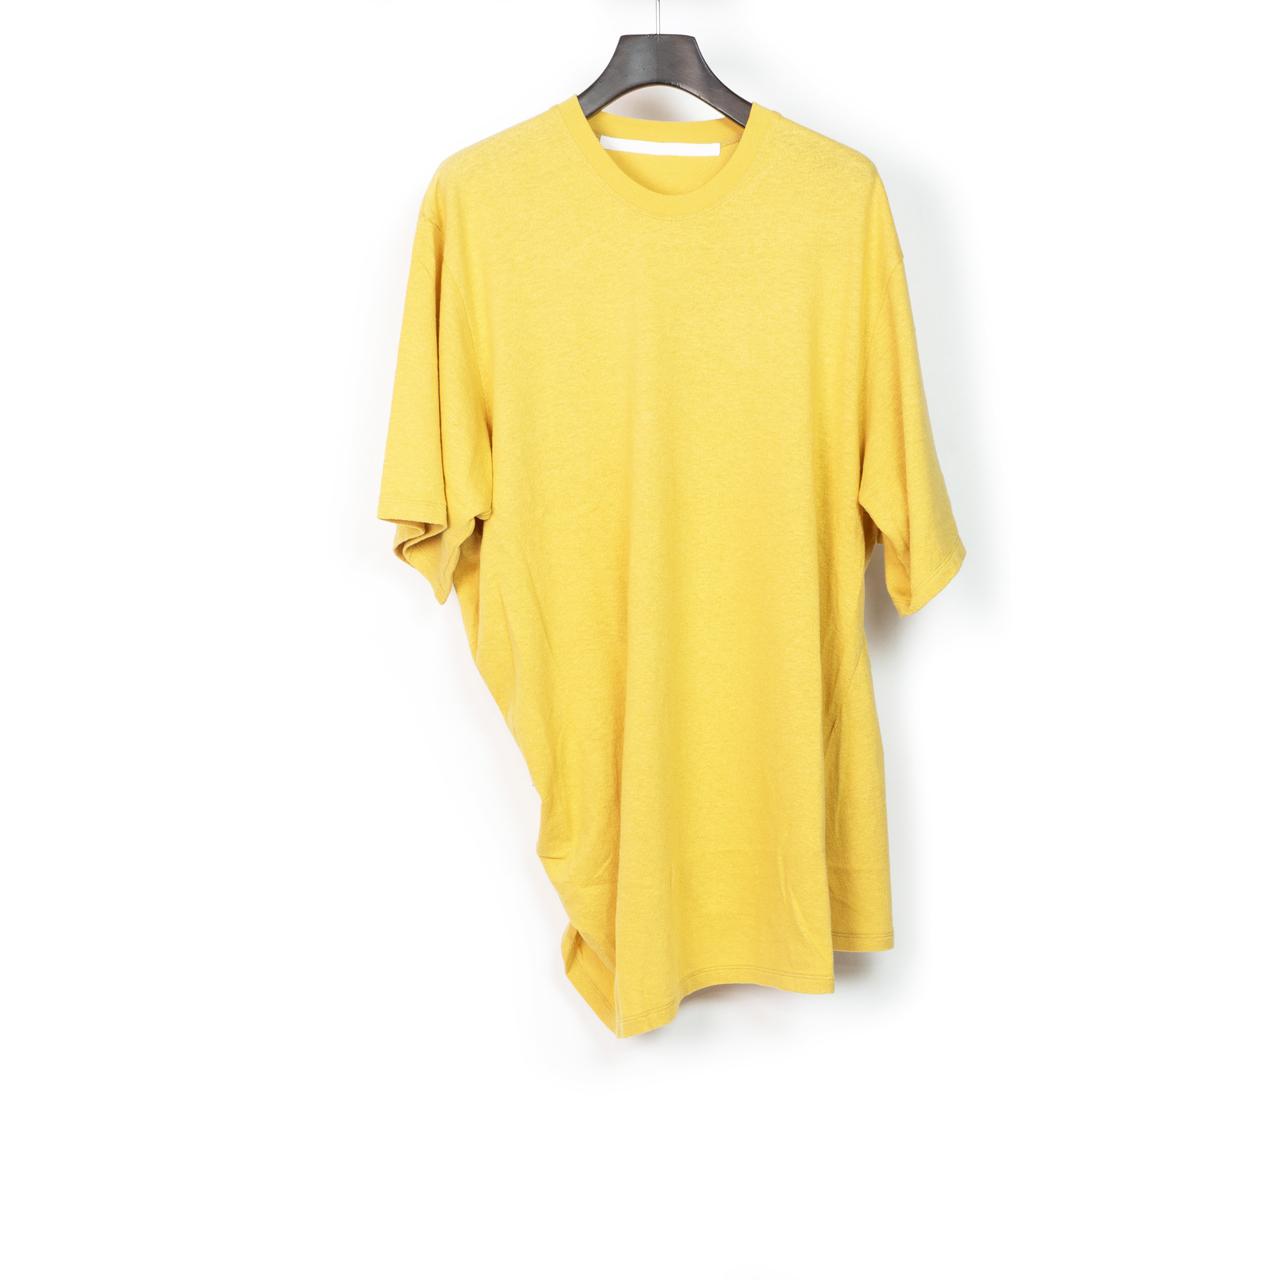 697CUM10-YELLOW / サイドドレープ Tシャツ